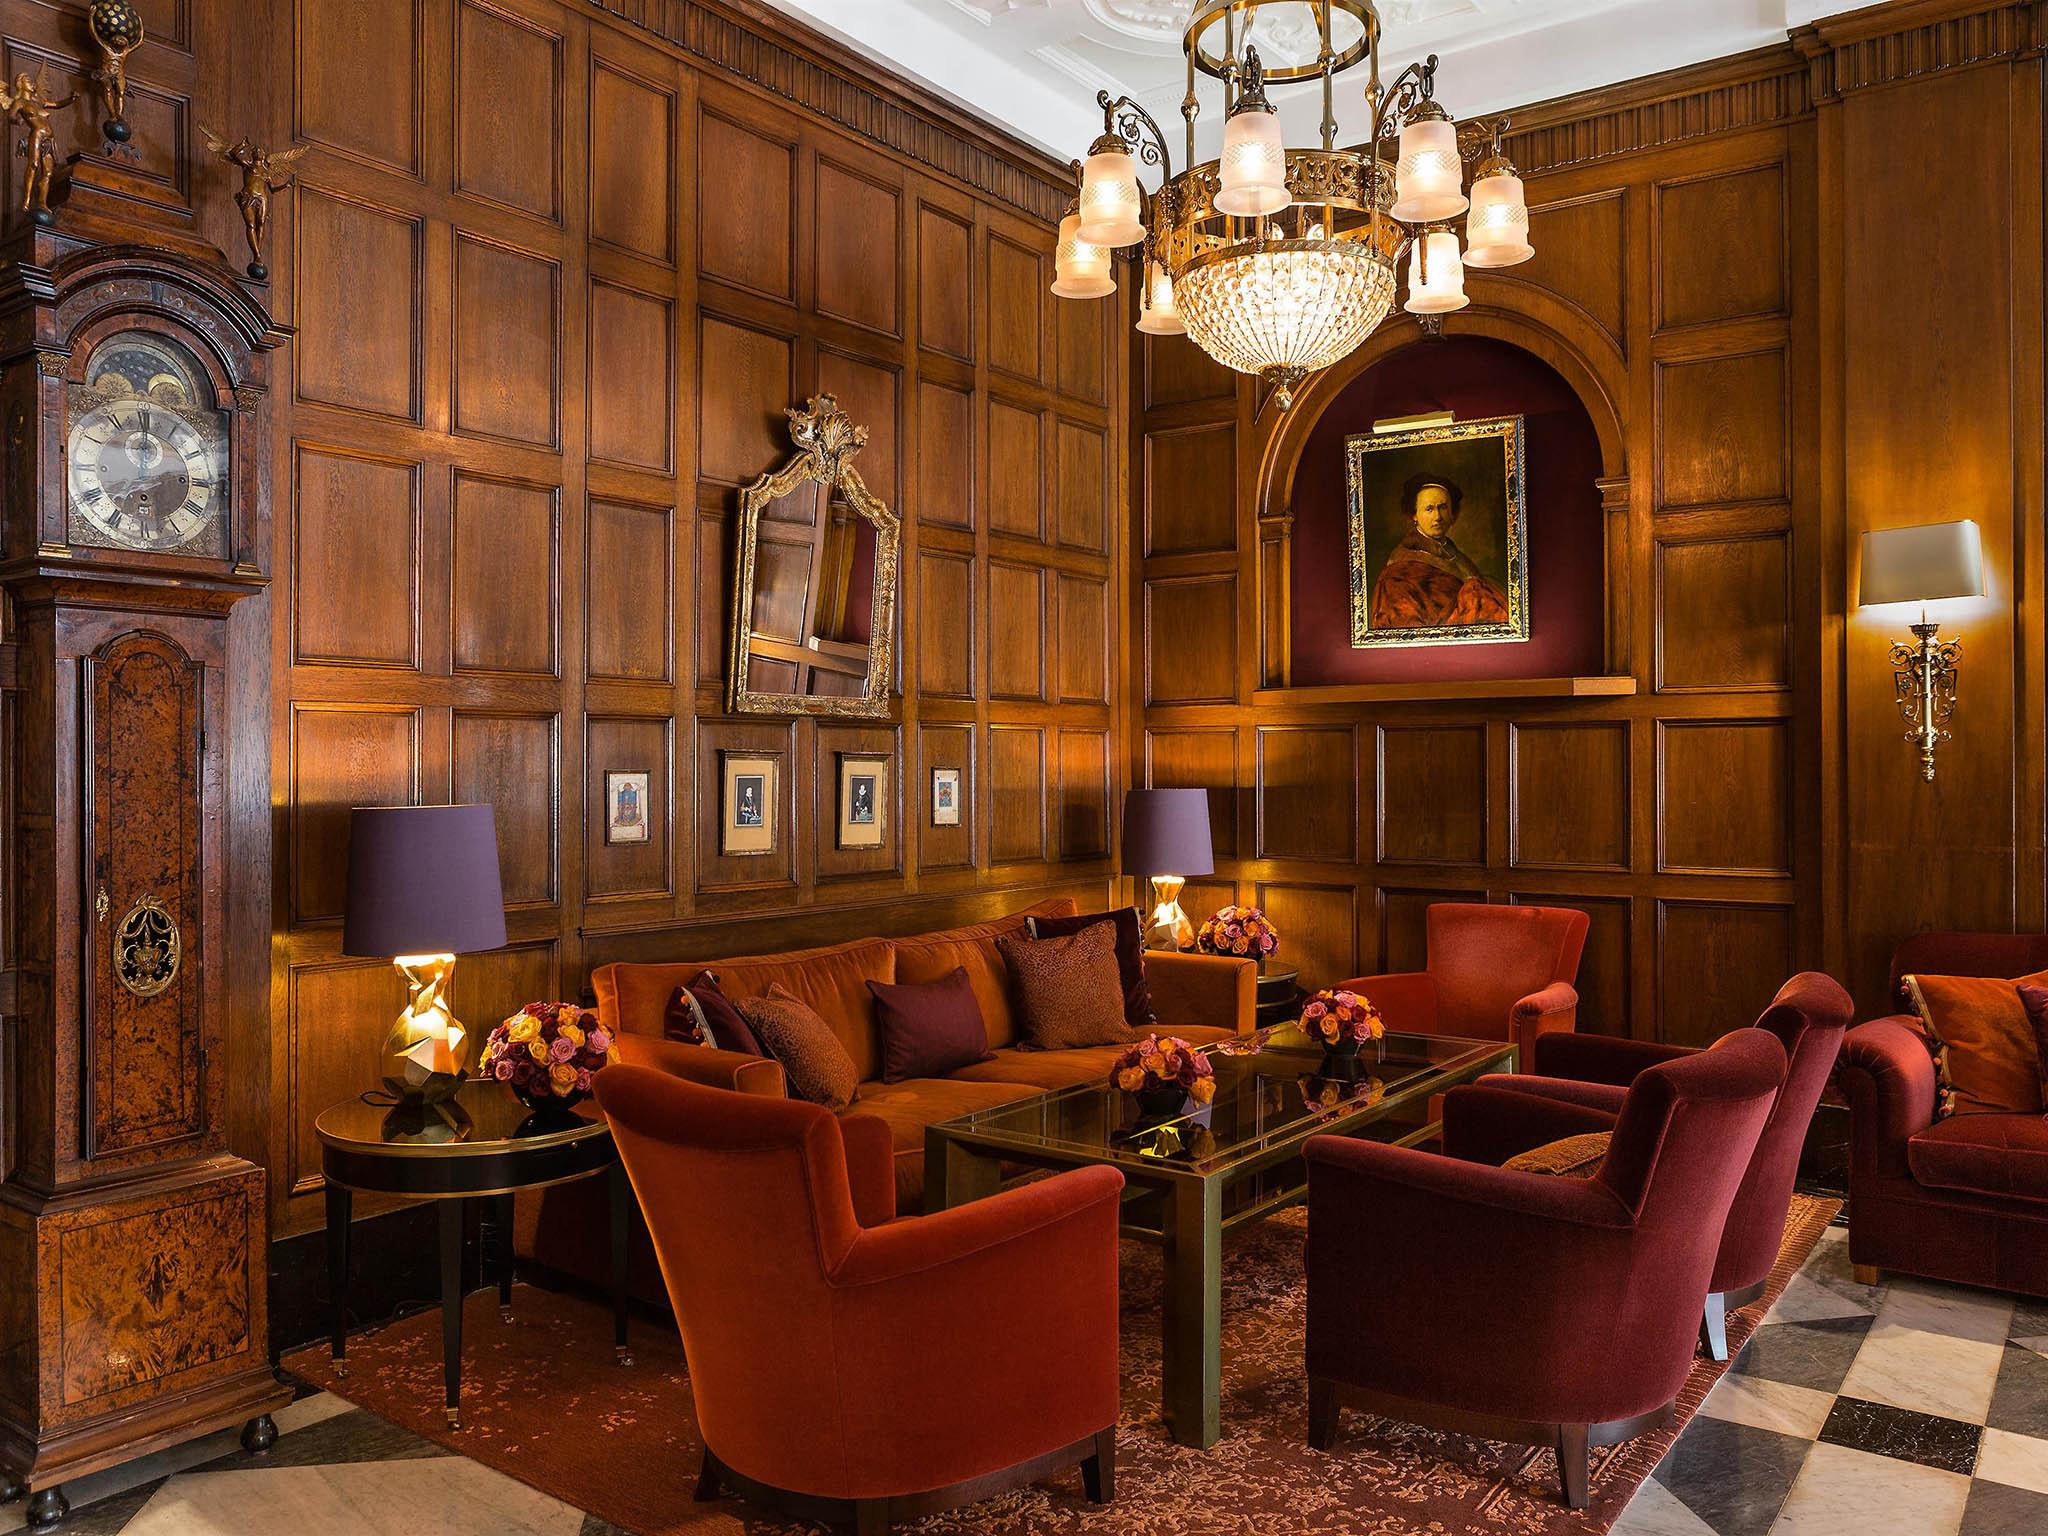 Hotel in HAMBURG - Fairmont Hotel Vier Jahreszeiten